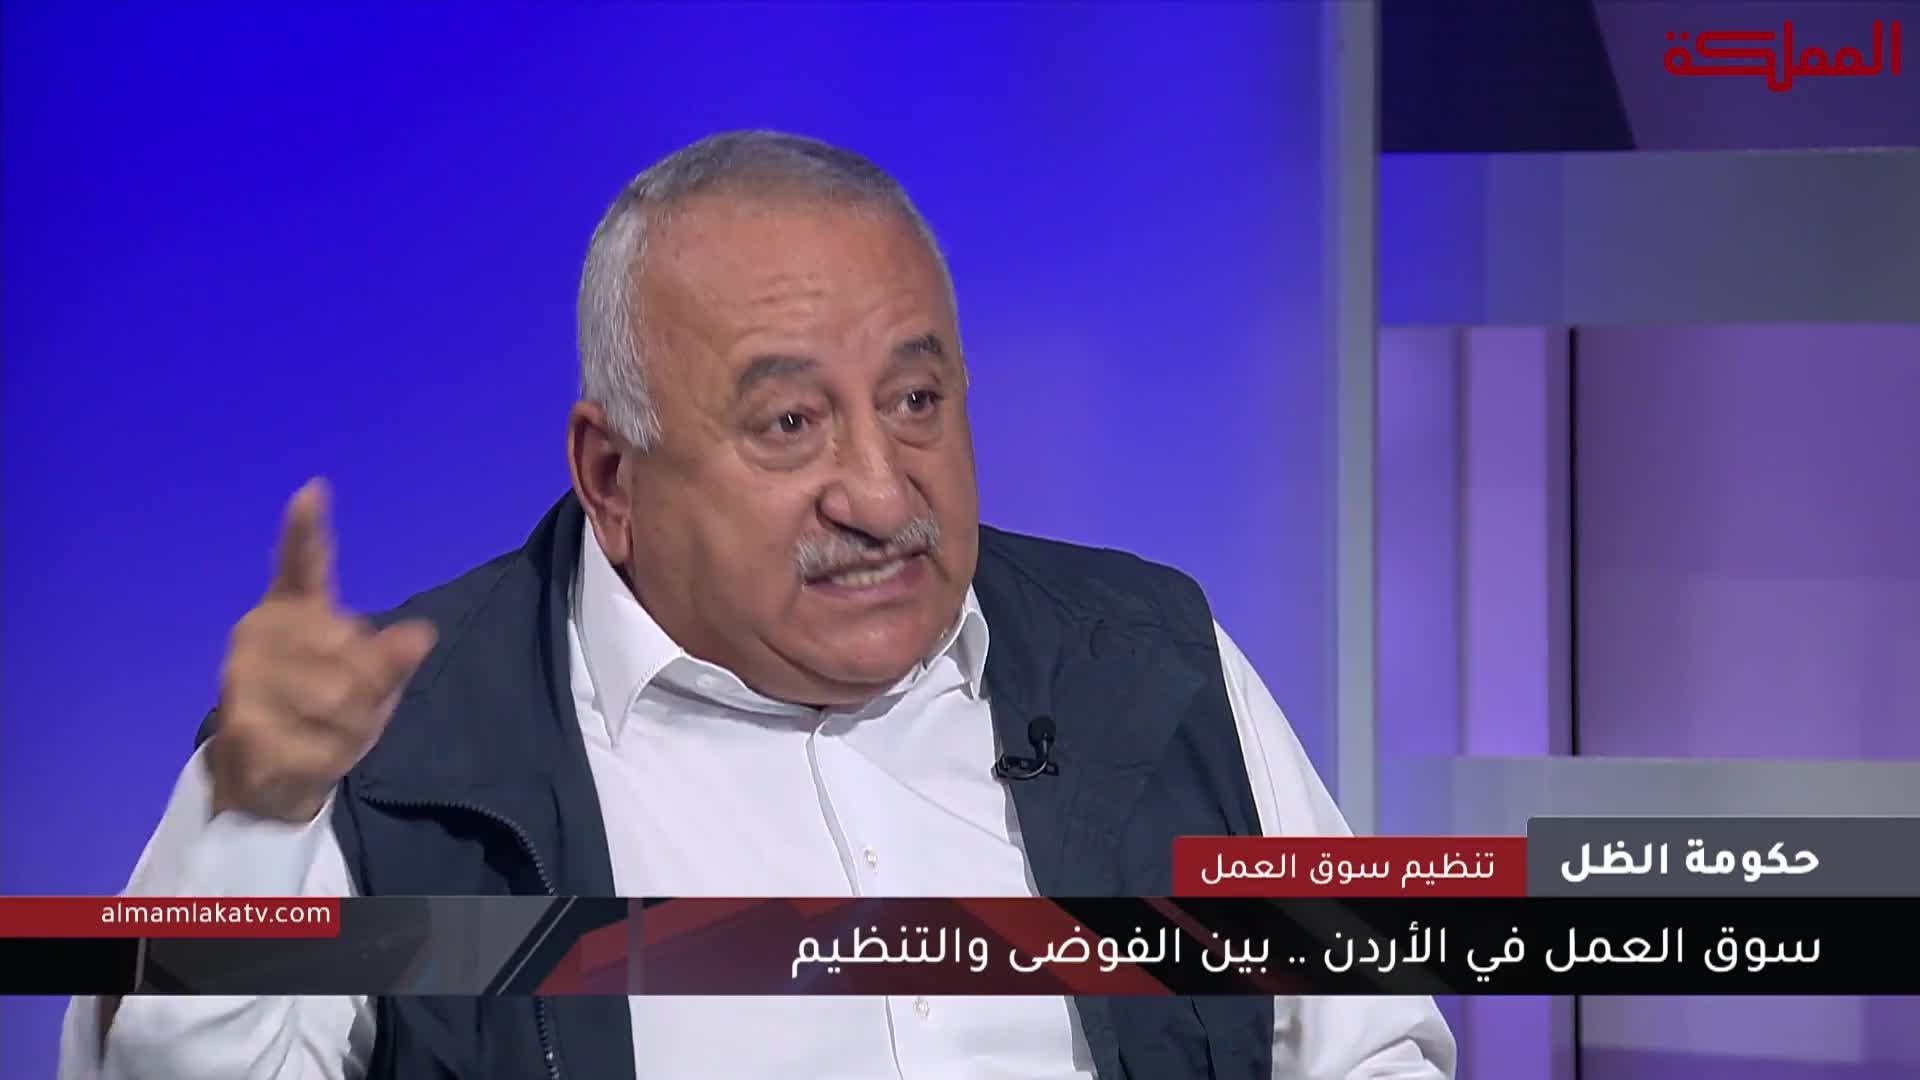 حكومة الظل | تنظيم سوق العمل الأردني